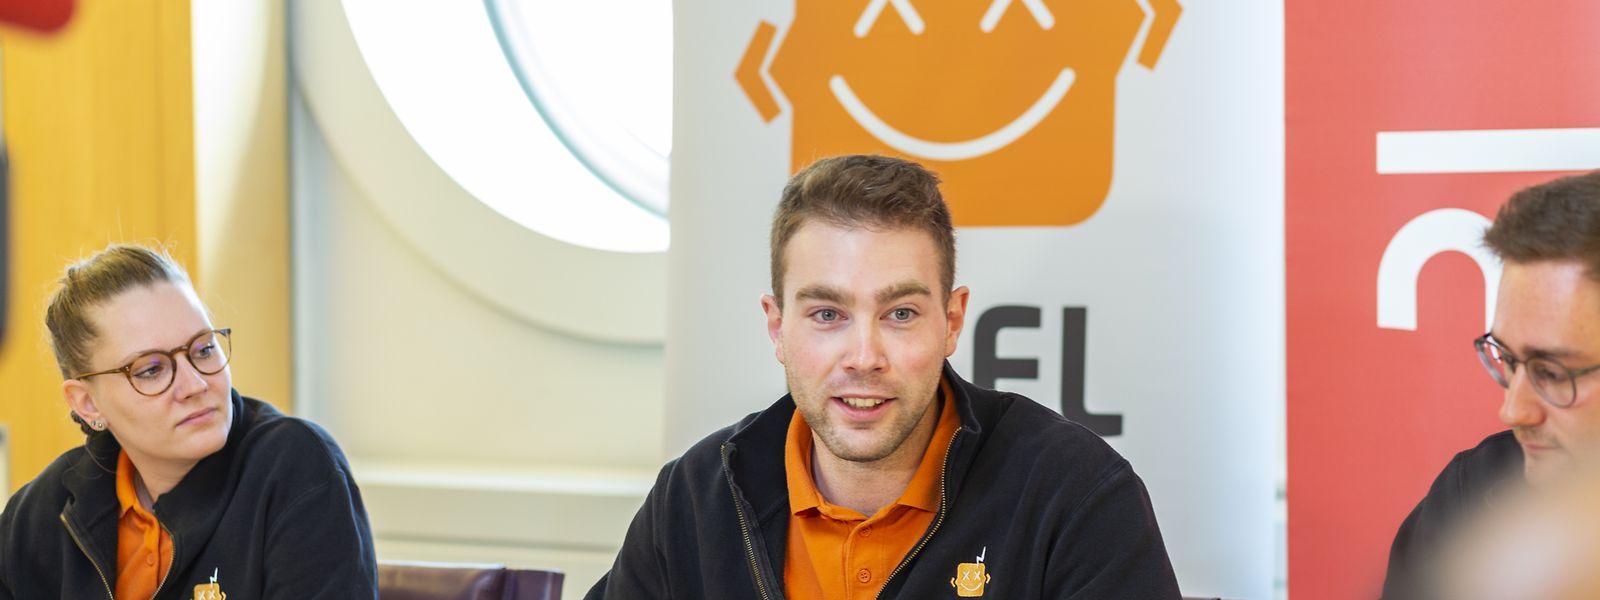 Pascal Thinnes wurde im Dezember 2018 auf der Generalversammlung der Associaton des cercles d'étudiants luxembourgeois (ACEL) zum neuen Präsidenten gewählt. Am Montag zog er zum ersten Mal Bilanz.